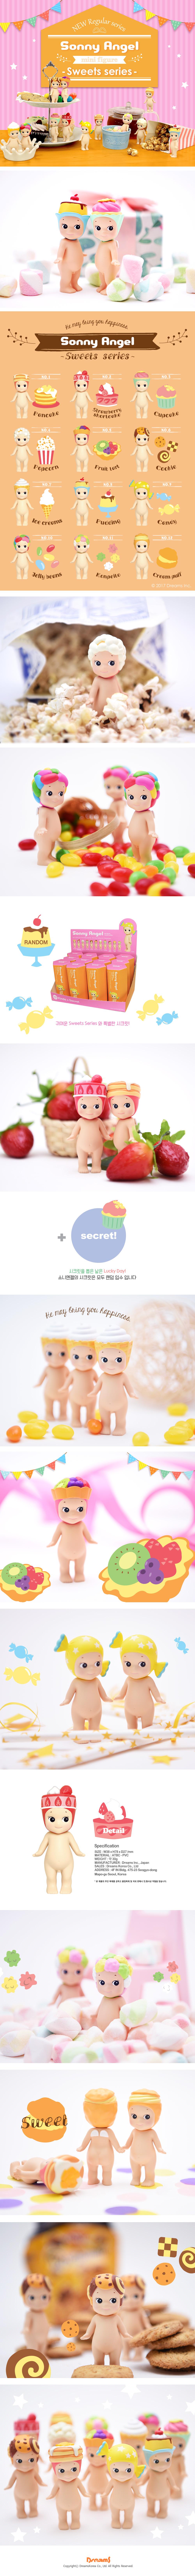 [드림즈코리아 정품 소니엔젤] 미니피규어-Sweets Series(랜덤) - 소니엔젤, 7,400원, 캐릭터 피규어, 소니엔젤